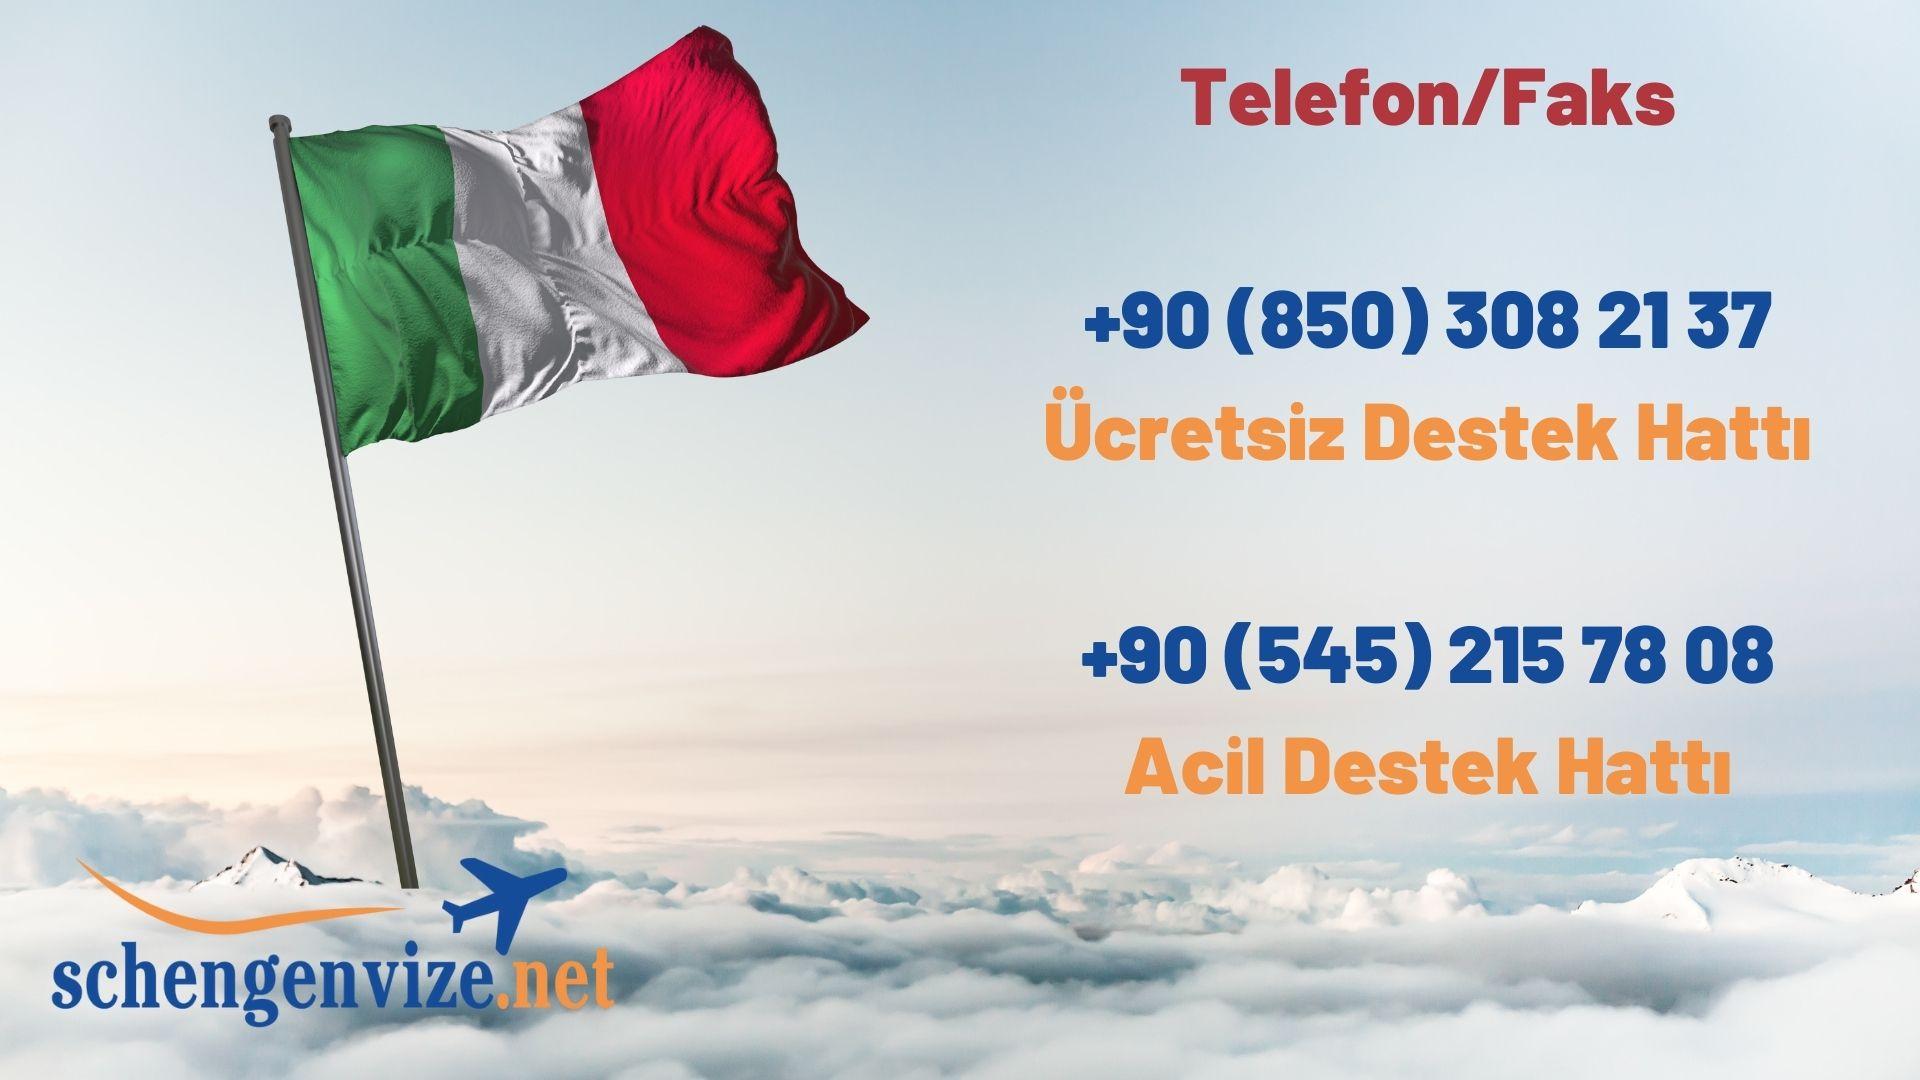 İtalya Yeşil Pasaporta Vize İstiyor Mu? 1 – Italya Yesil Pasaporta Vize Istiyor Mu